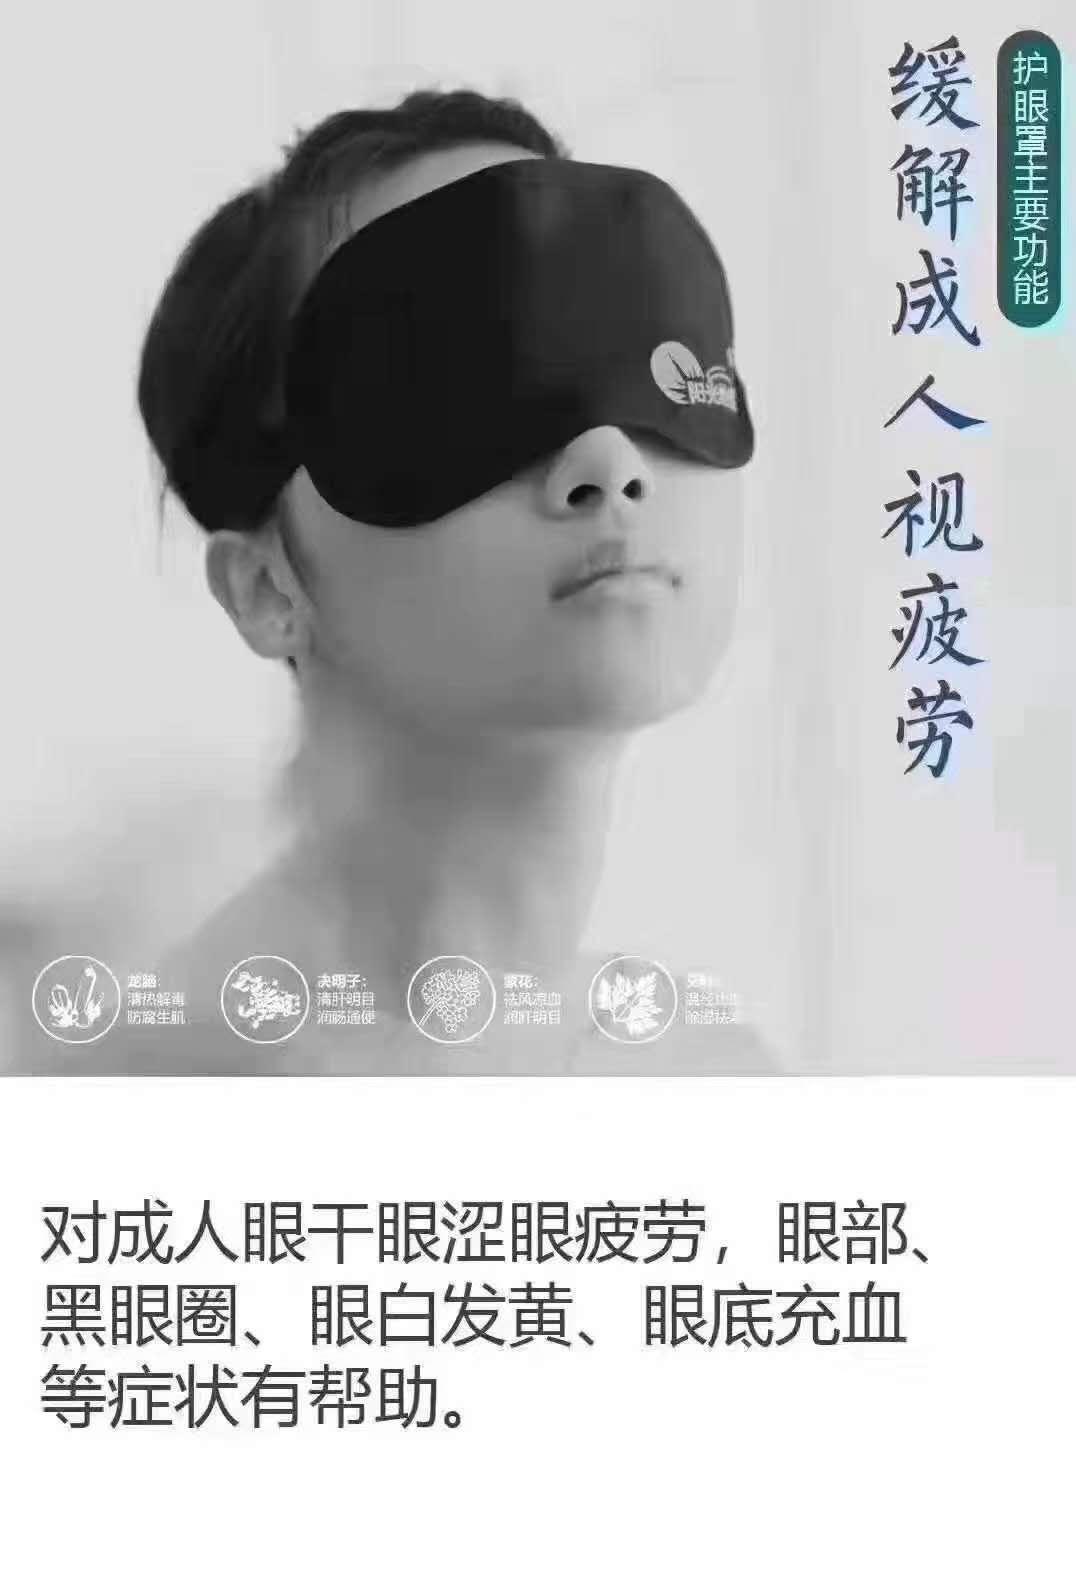 阳光怡然护眼眼罩使用后可能出现的逆向反应